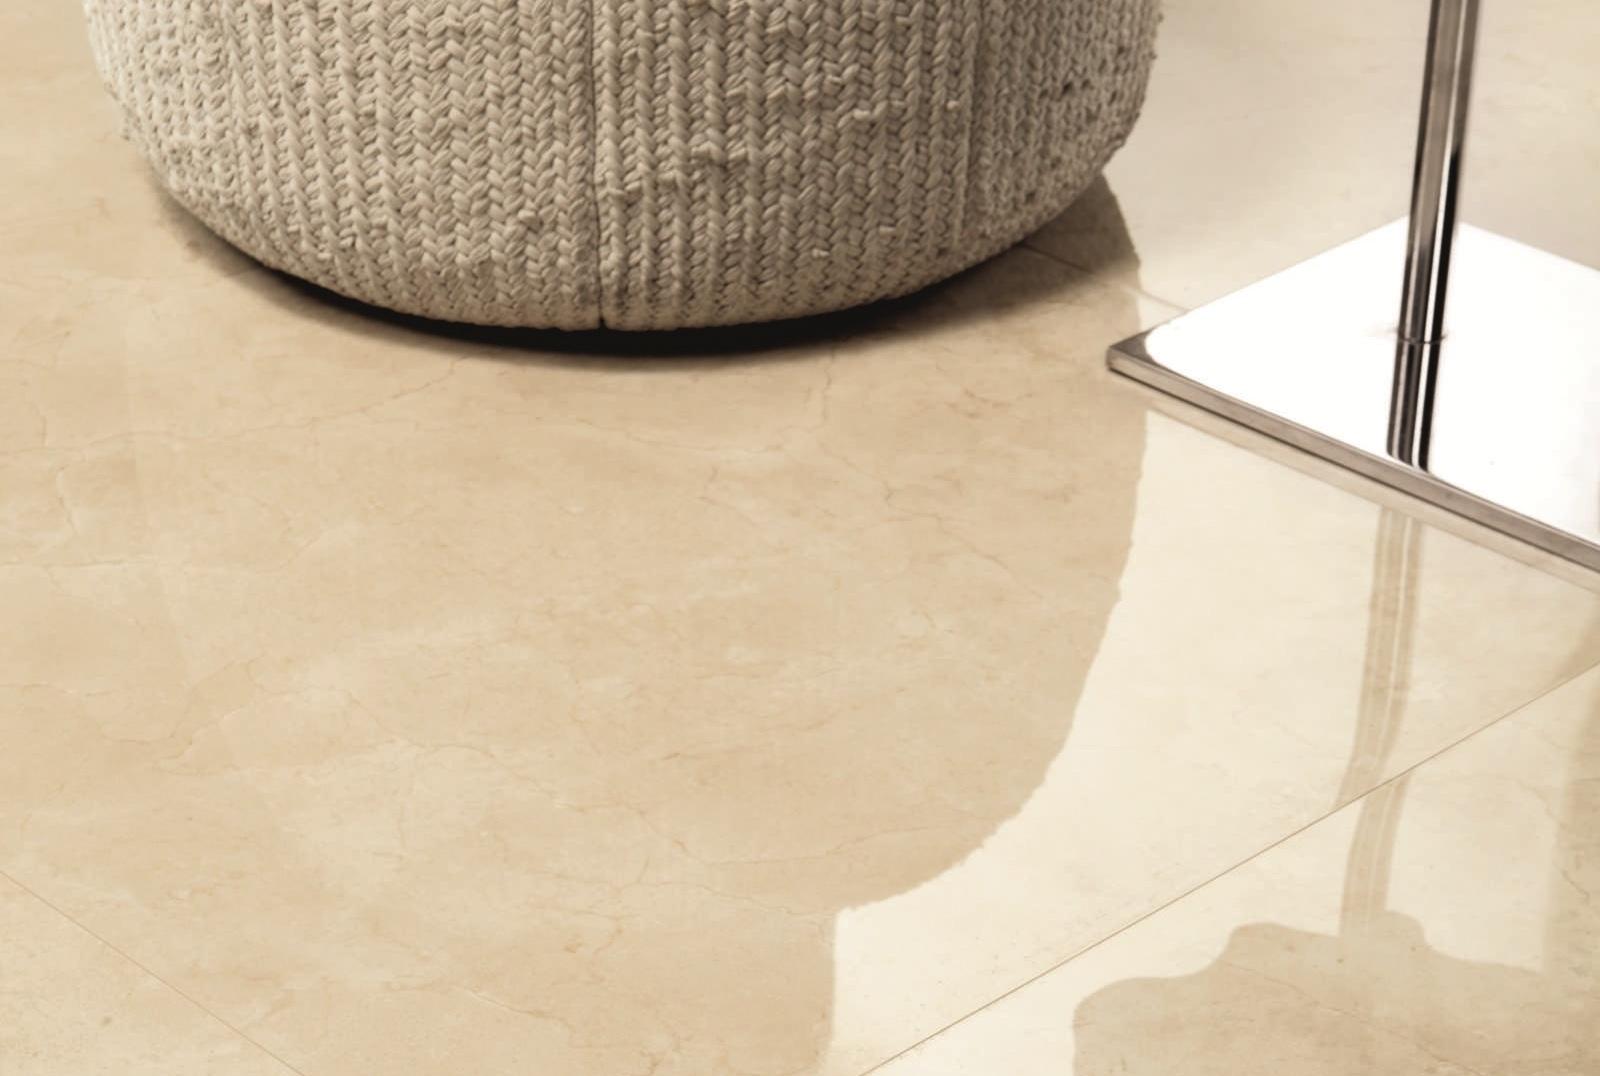 Recuperar el brillo de los suelos de m rmol o terrazo es for Marmol para suelos